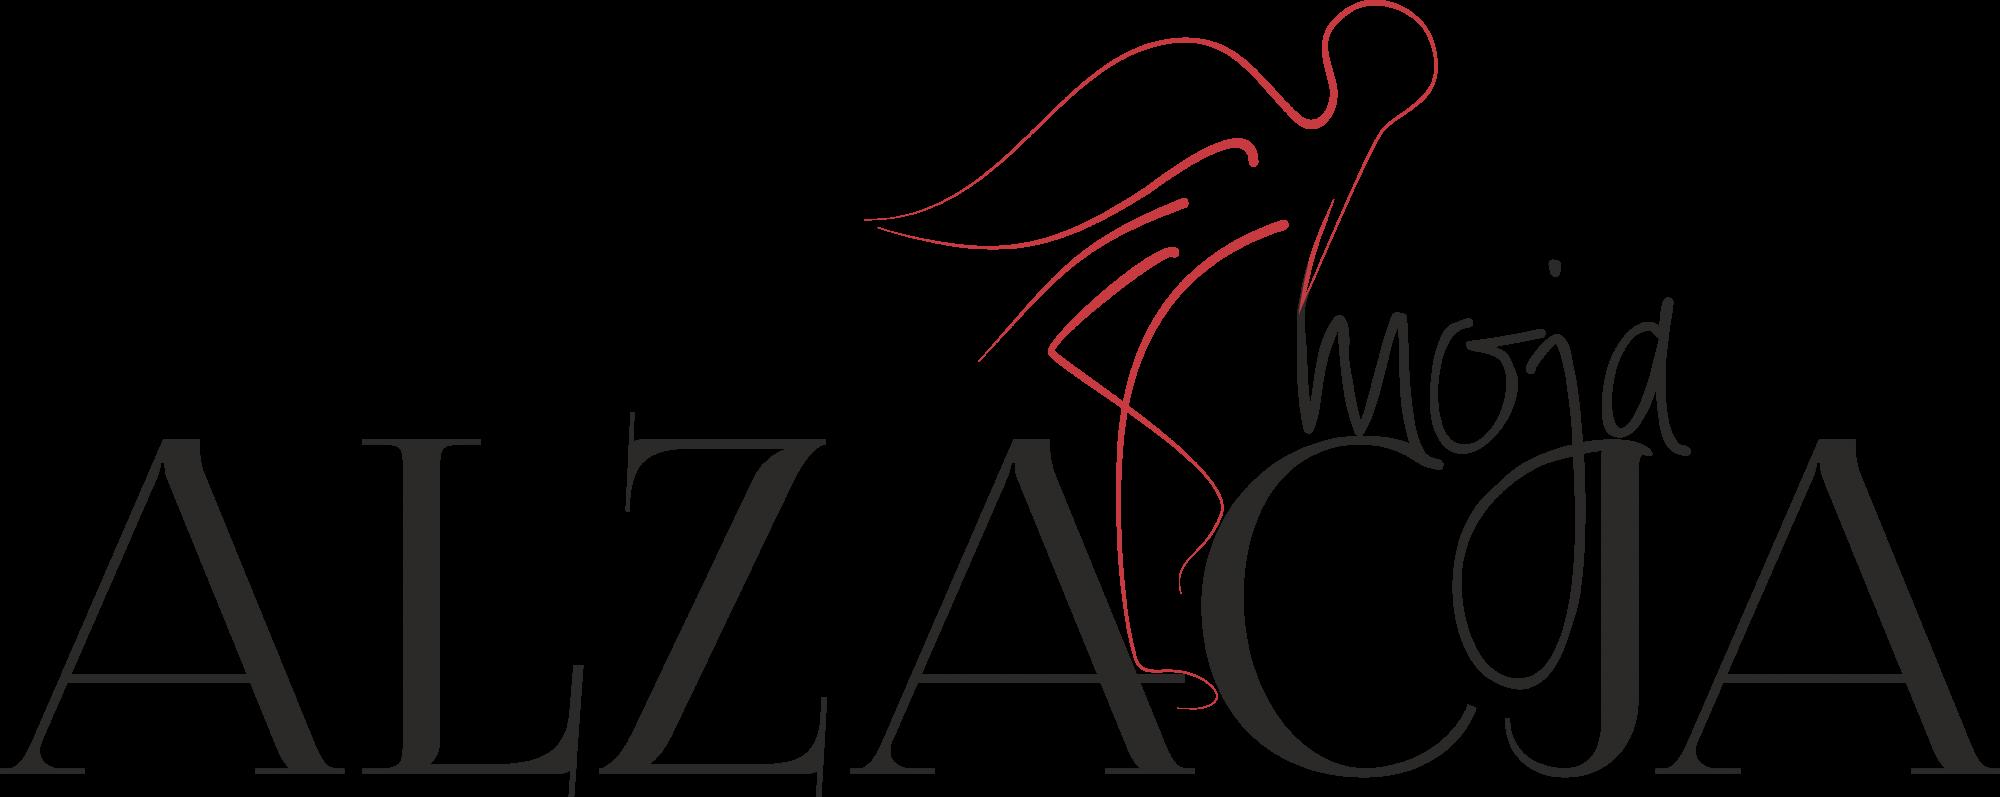 Moja alzacja logo